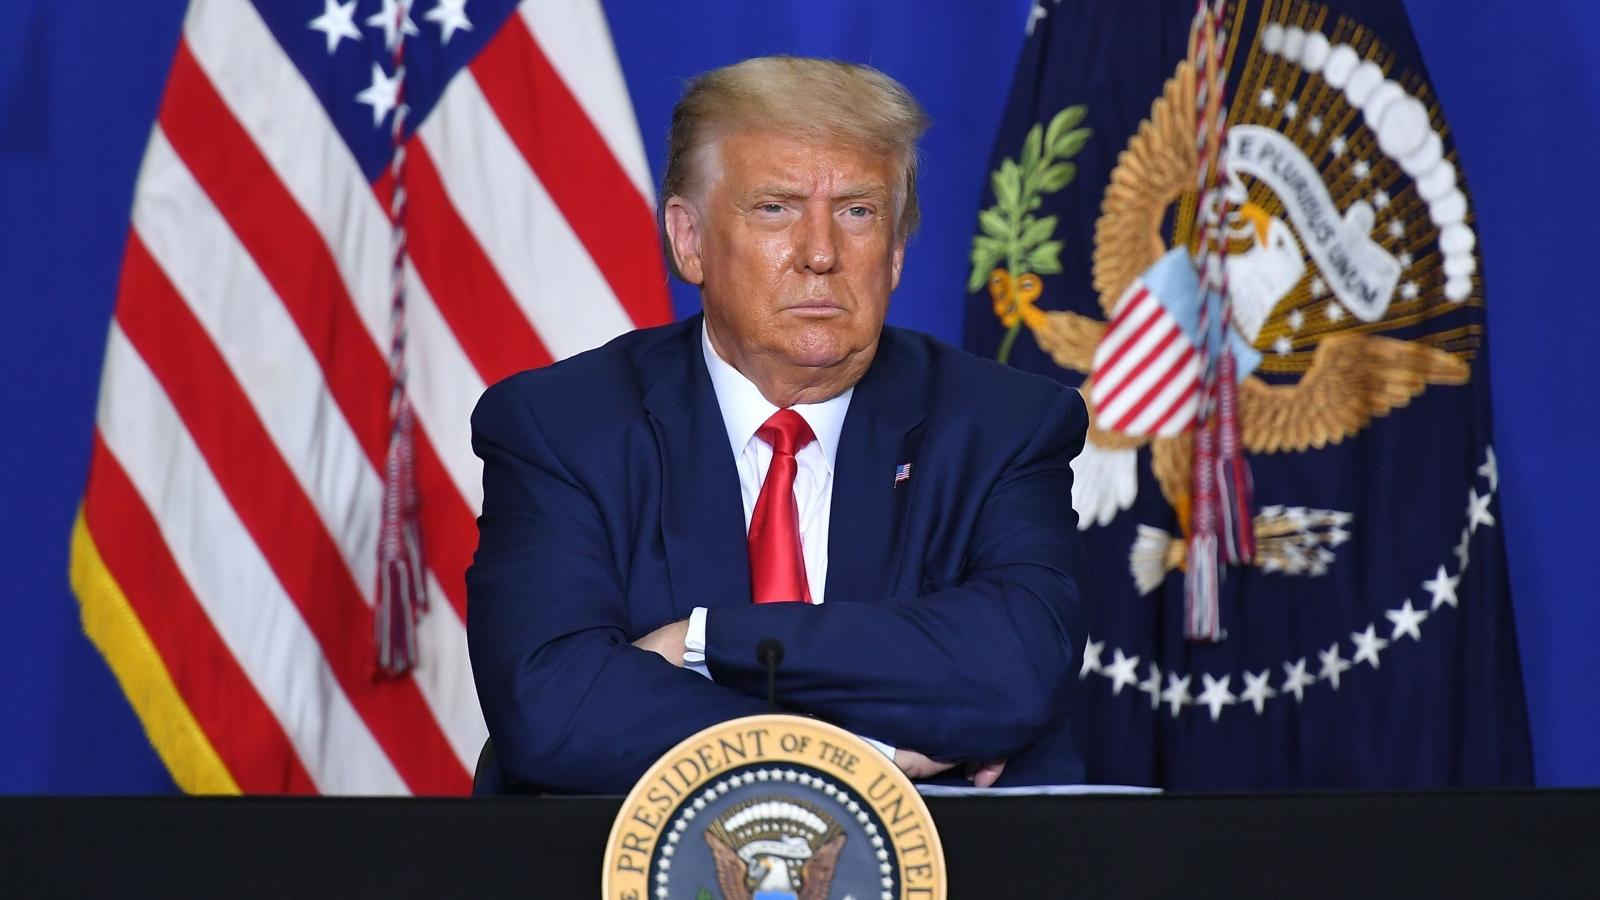 Chiến dịch của ông Trump kháng cáo, quyết lật ngược kết quả ở Pennsylvania